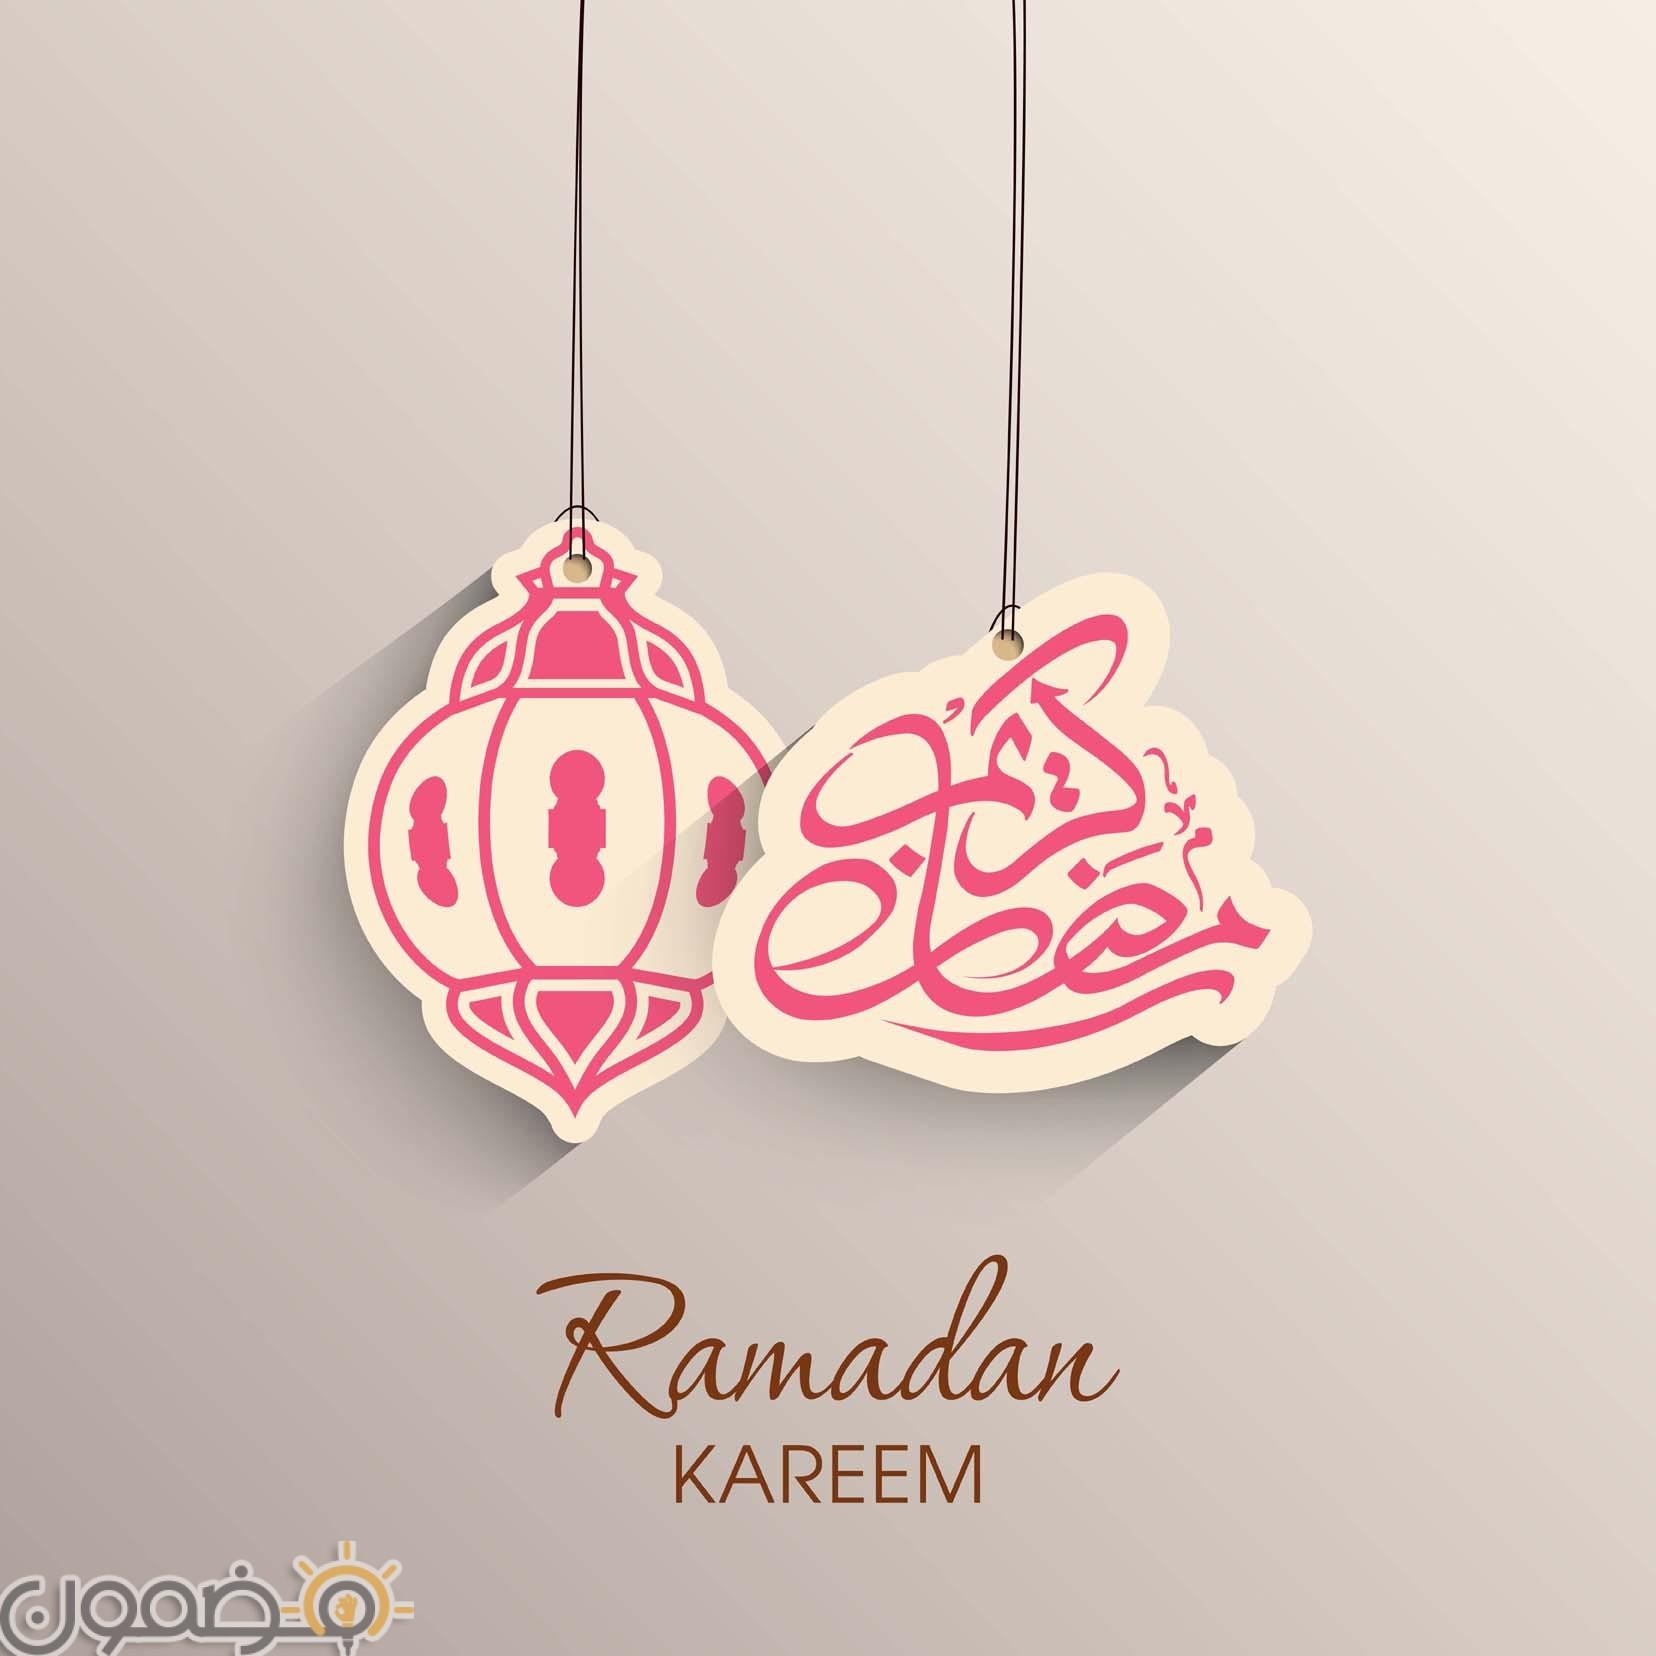 صور رمضان كريم للفيس بوك 5 صور رمضان كريم للفيس بوك بوستات معايدة